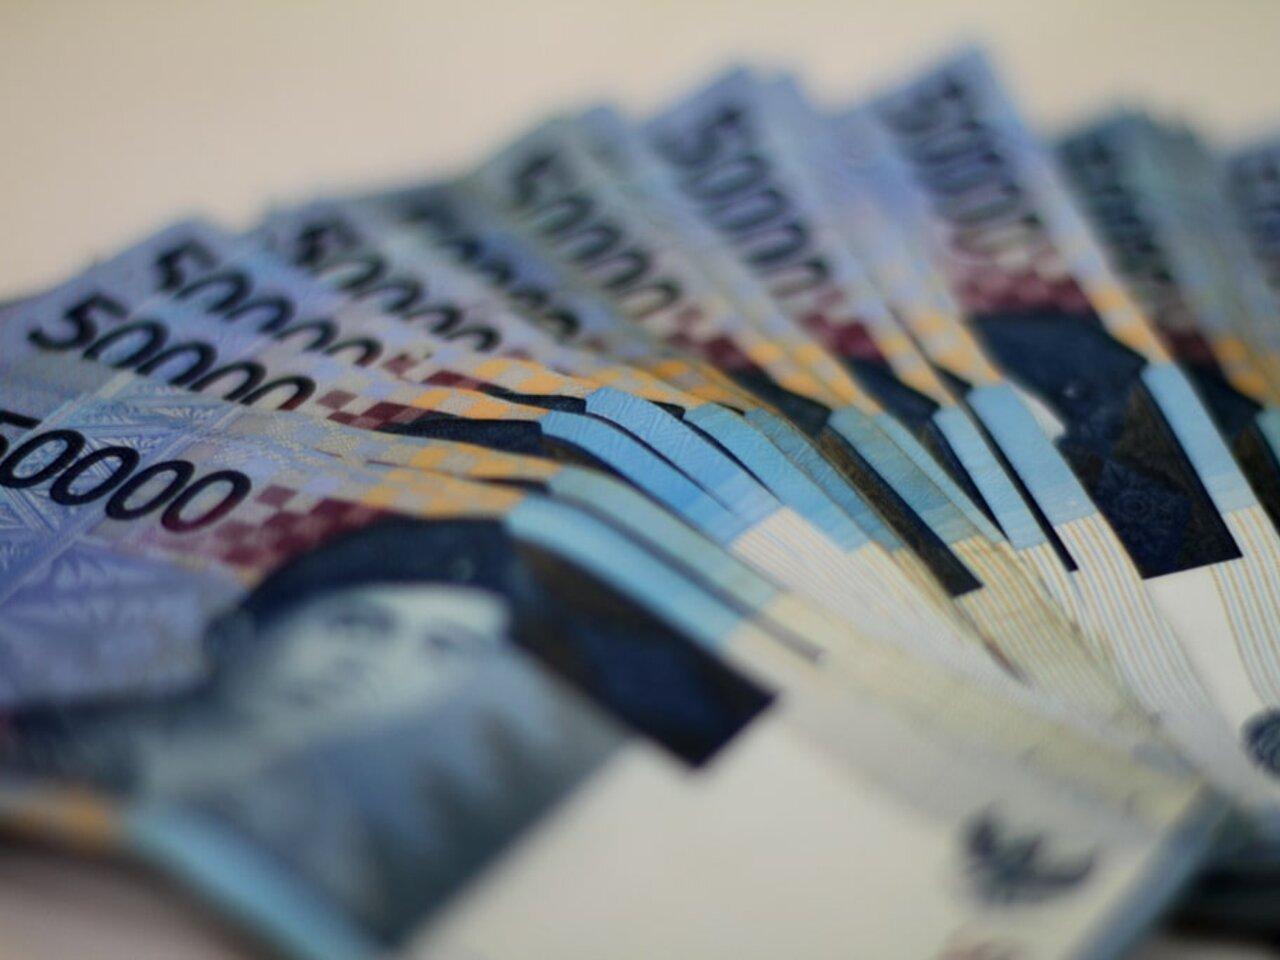 Indonesia's CPI rises 3 49% y/y in August, misses estimates